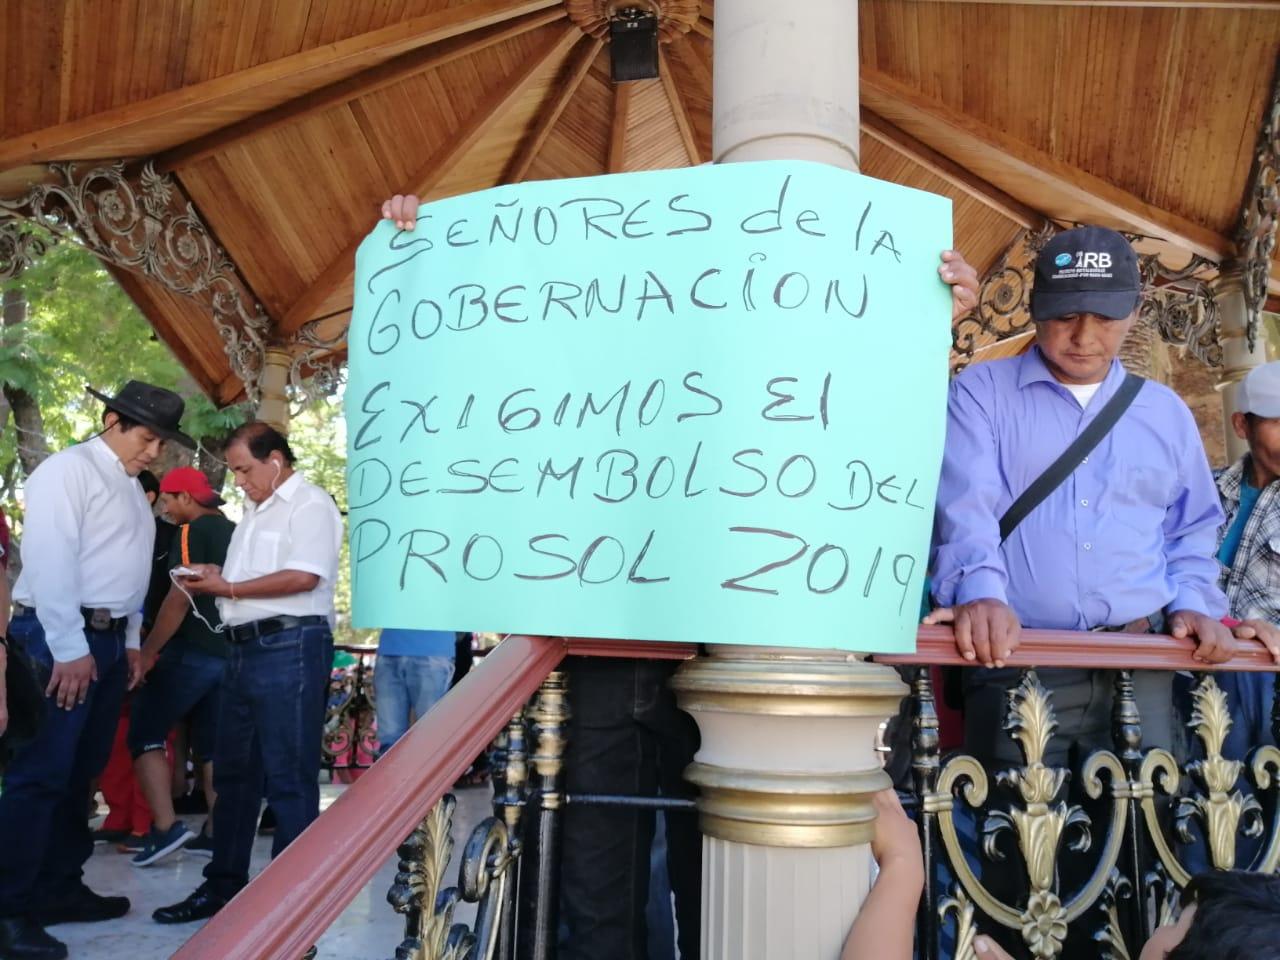 Marcha de comunidades campesinas exige desembolso del Prosol